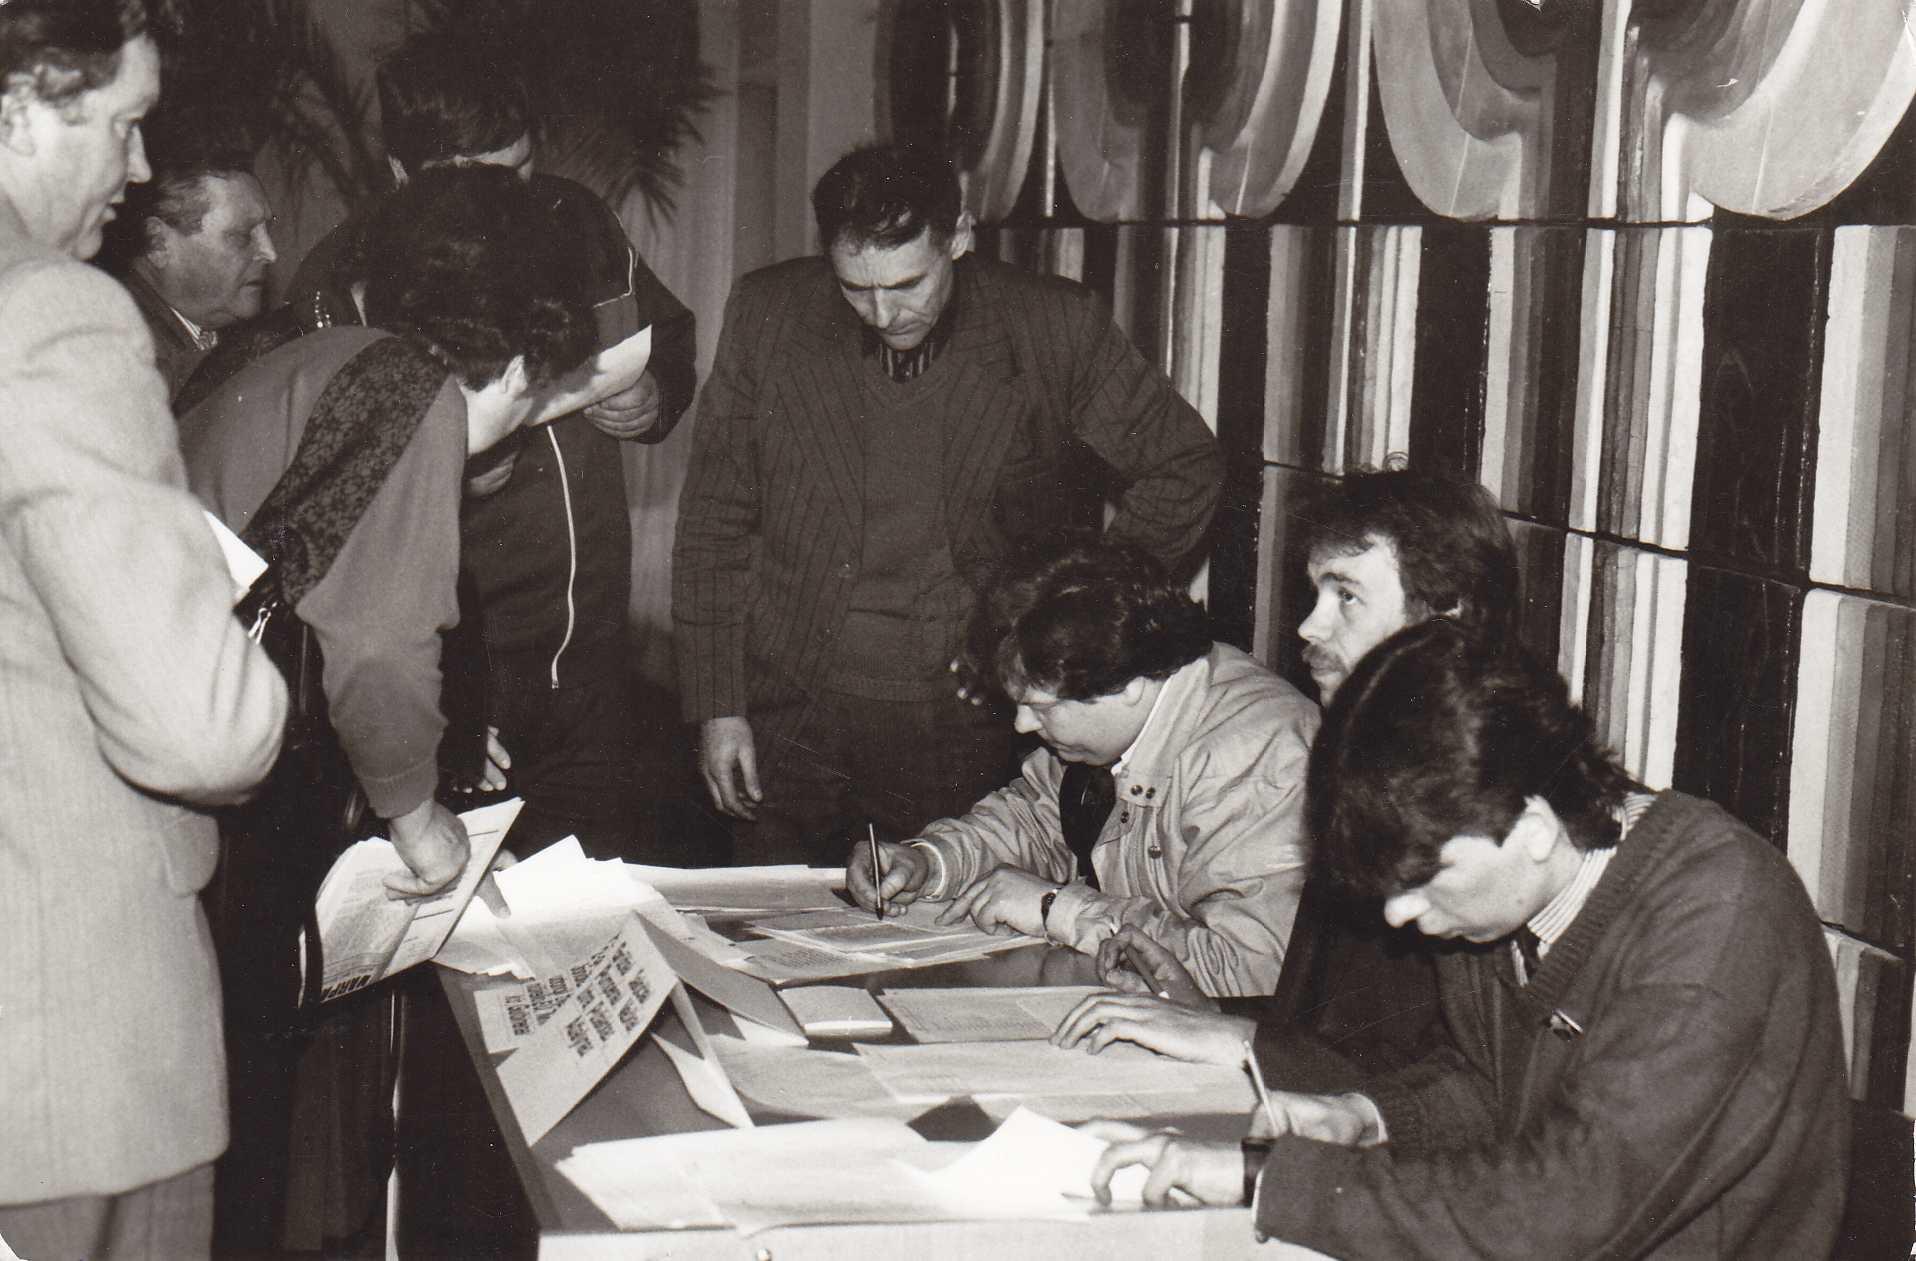 Pasvalio rajono Sąjūdžio tarybos rinkimai. Pirmas iš dešinės sėdi Gintaras Šležas, antras – Vaidotas Bačkis, trečias – Gintaras Kutkauskas